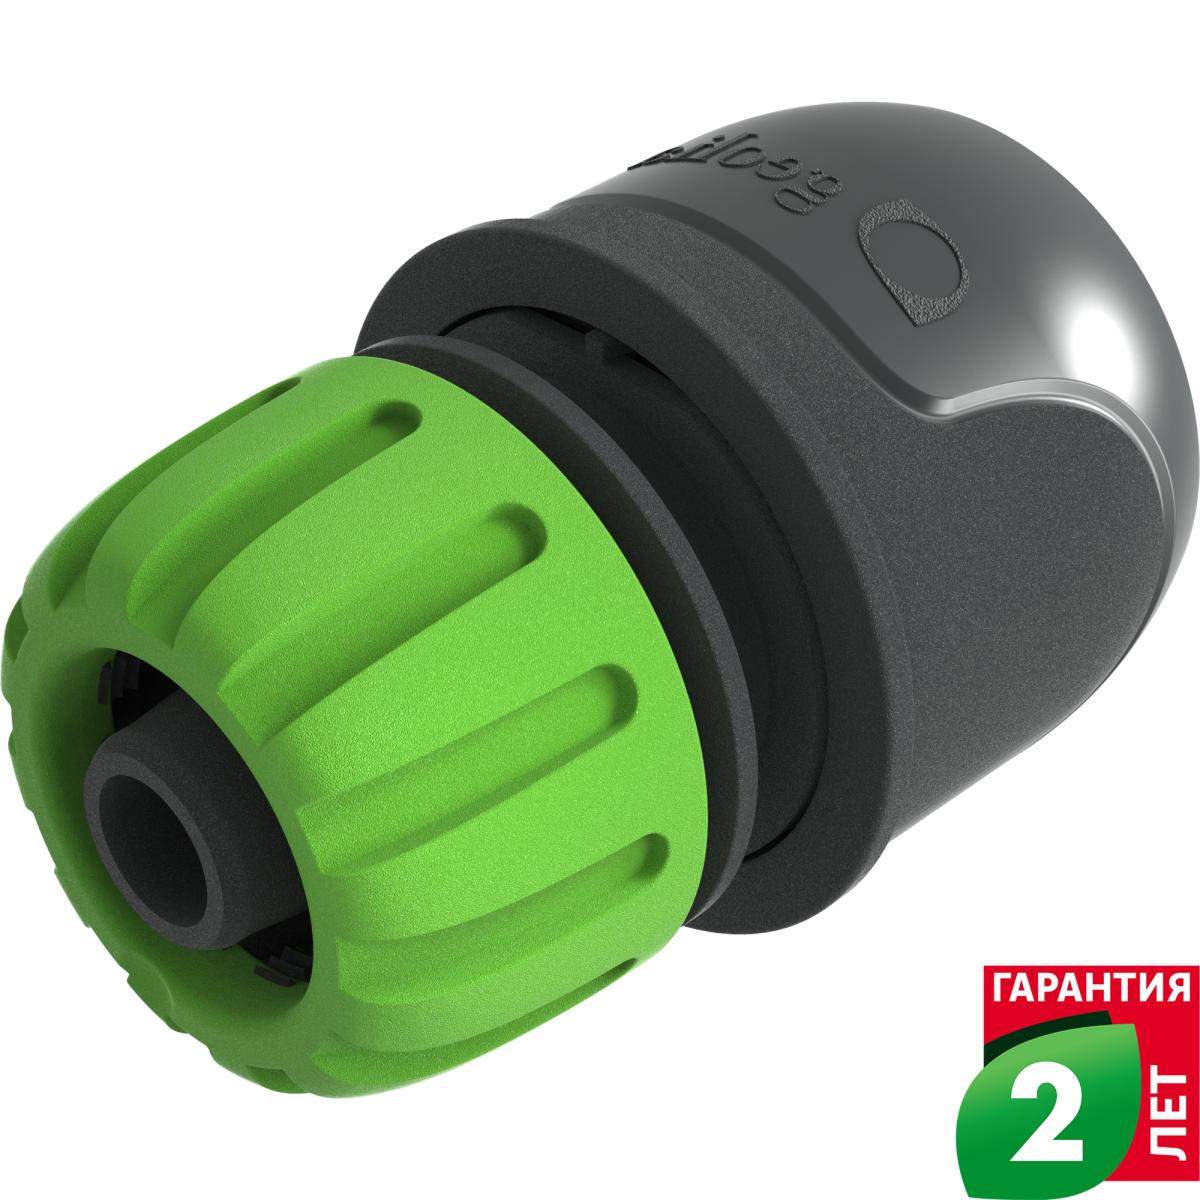 Коннектор для шланга быстросъёмный Geolia 1/2 и 5/8 дюйма.